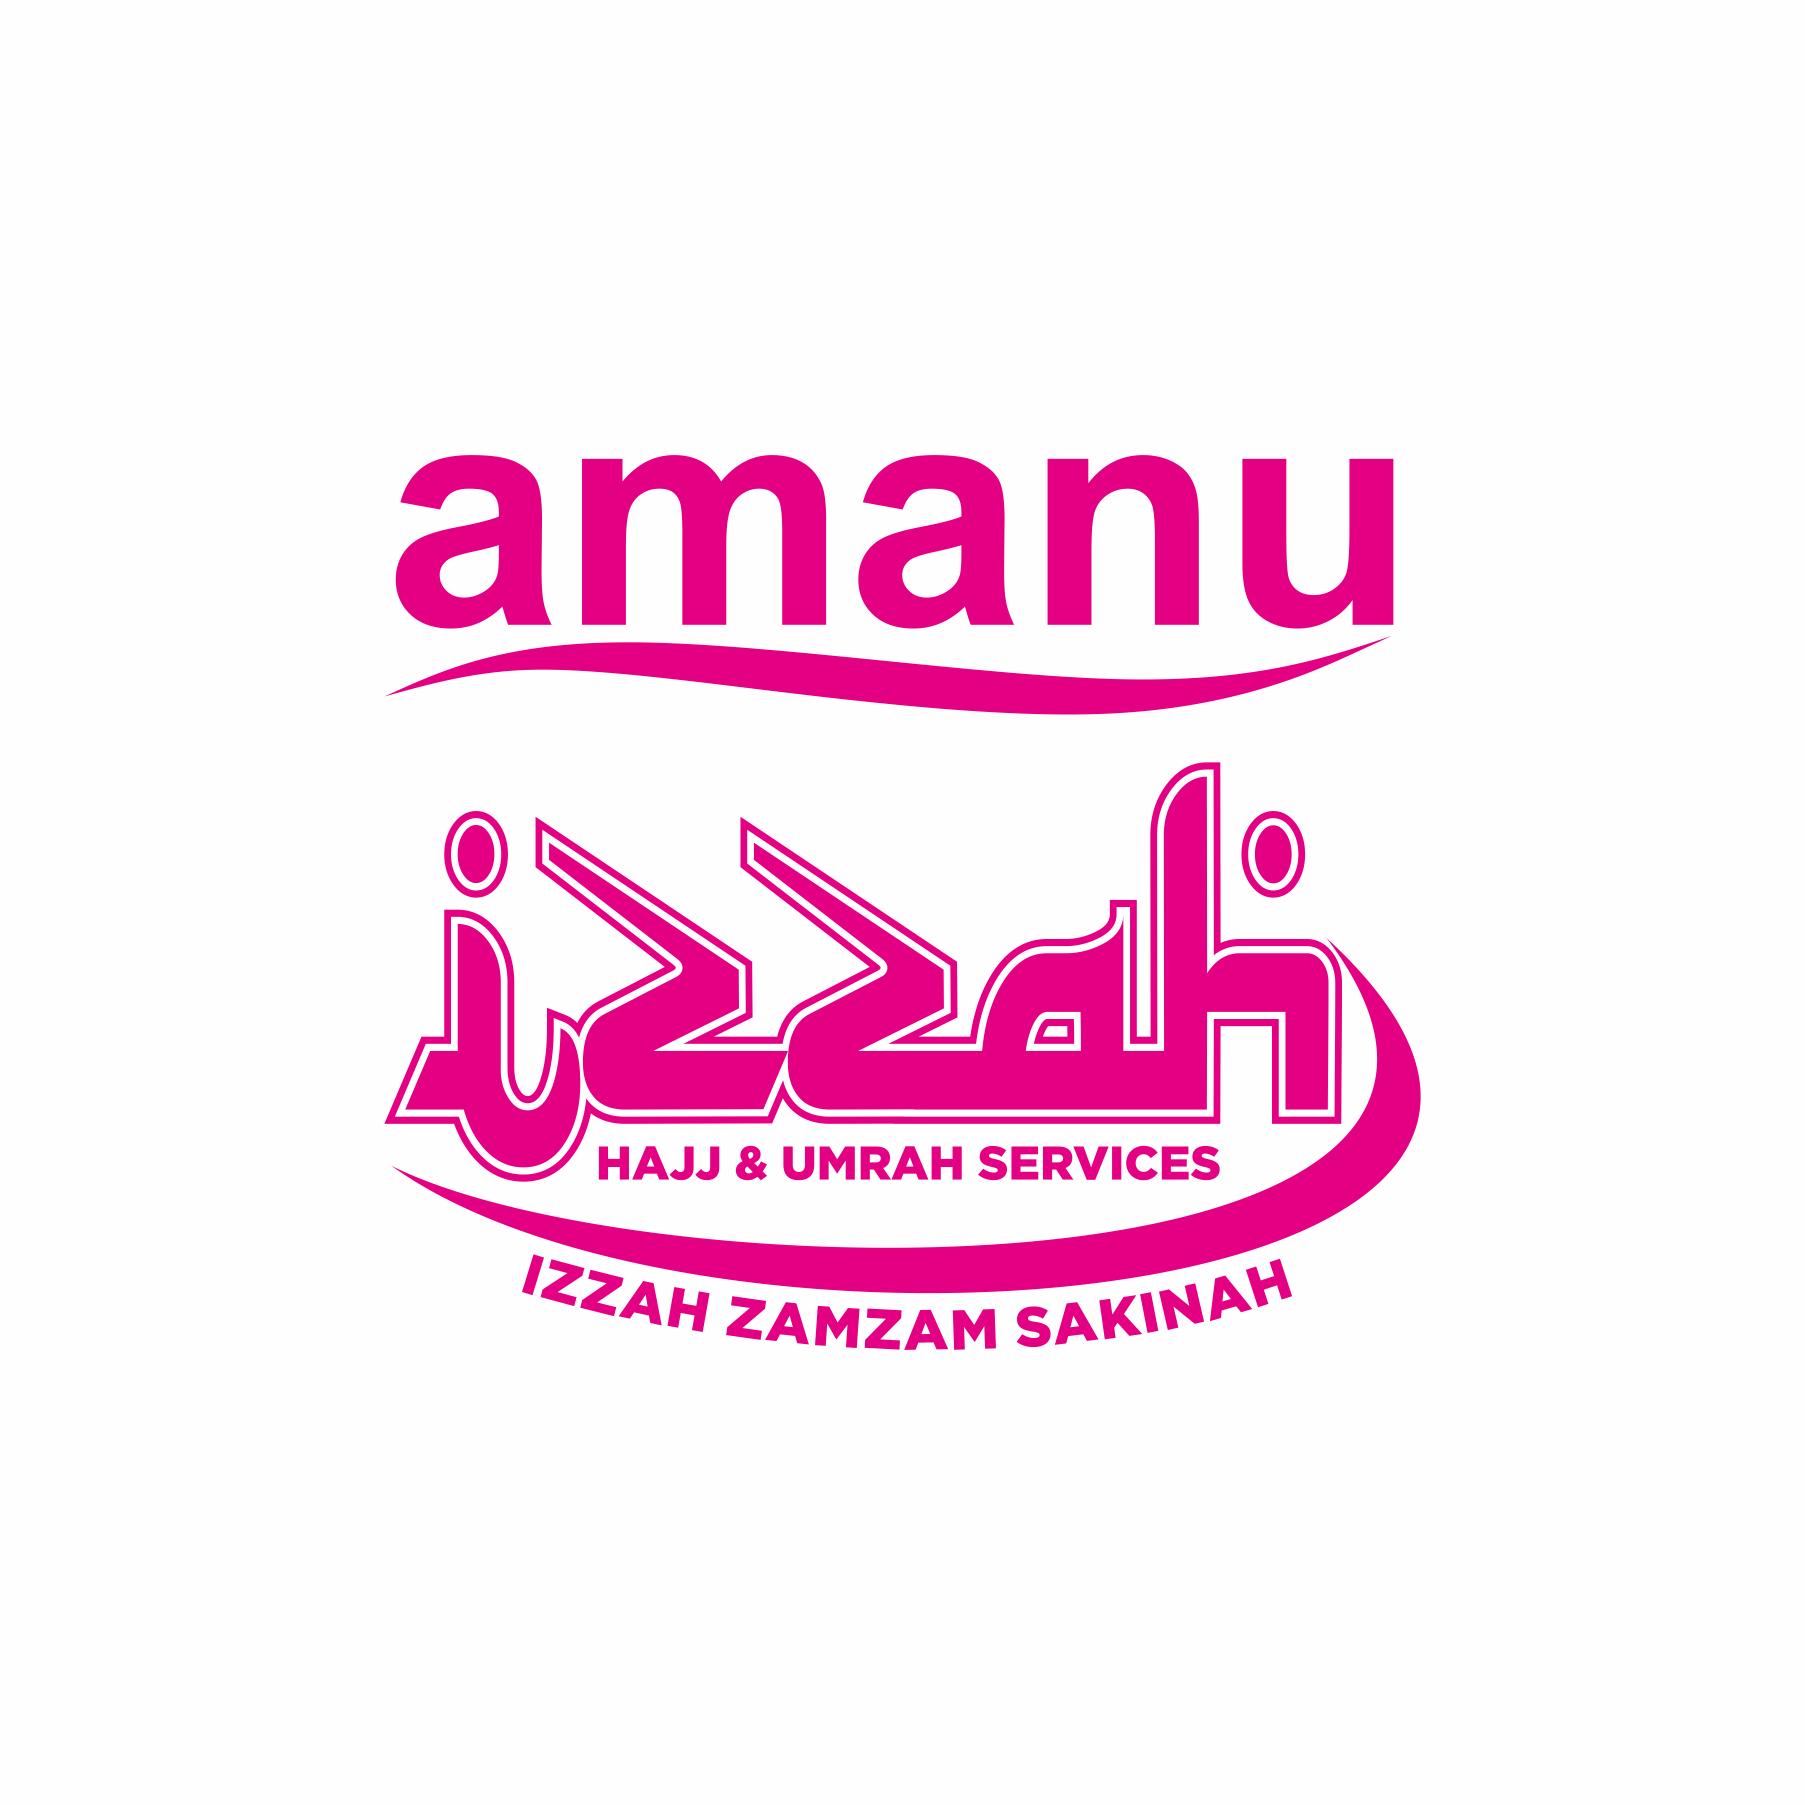 Profil PT. AMANU